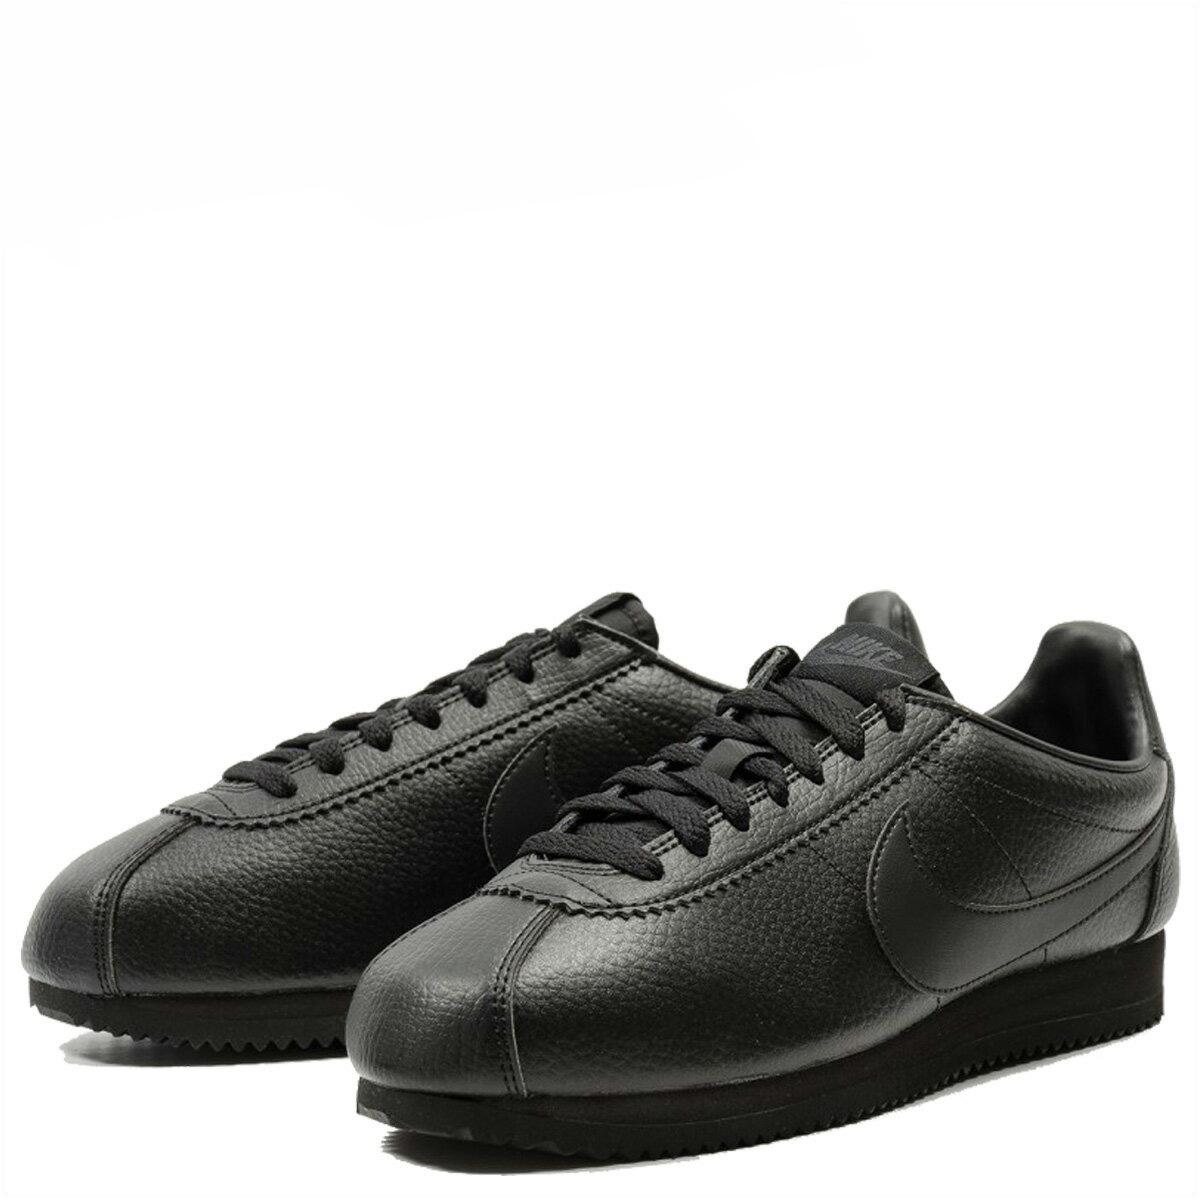 new product d0d4d 9b5db NIKE CLASSIC CORTEZ LEATHER ナイキコルテッツクラシックスニーカー 749,571-002 men's shoes  black [10/4 Shinnyu load]